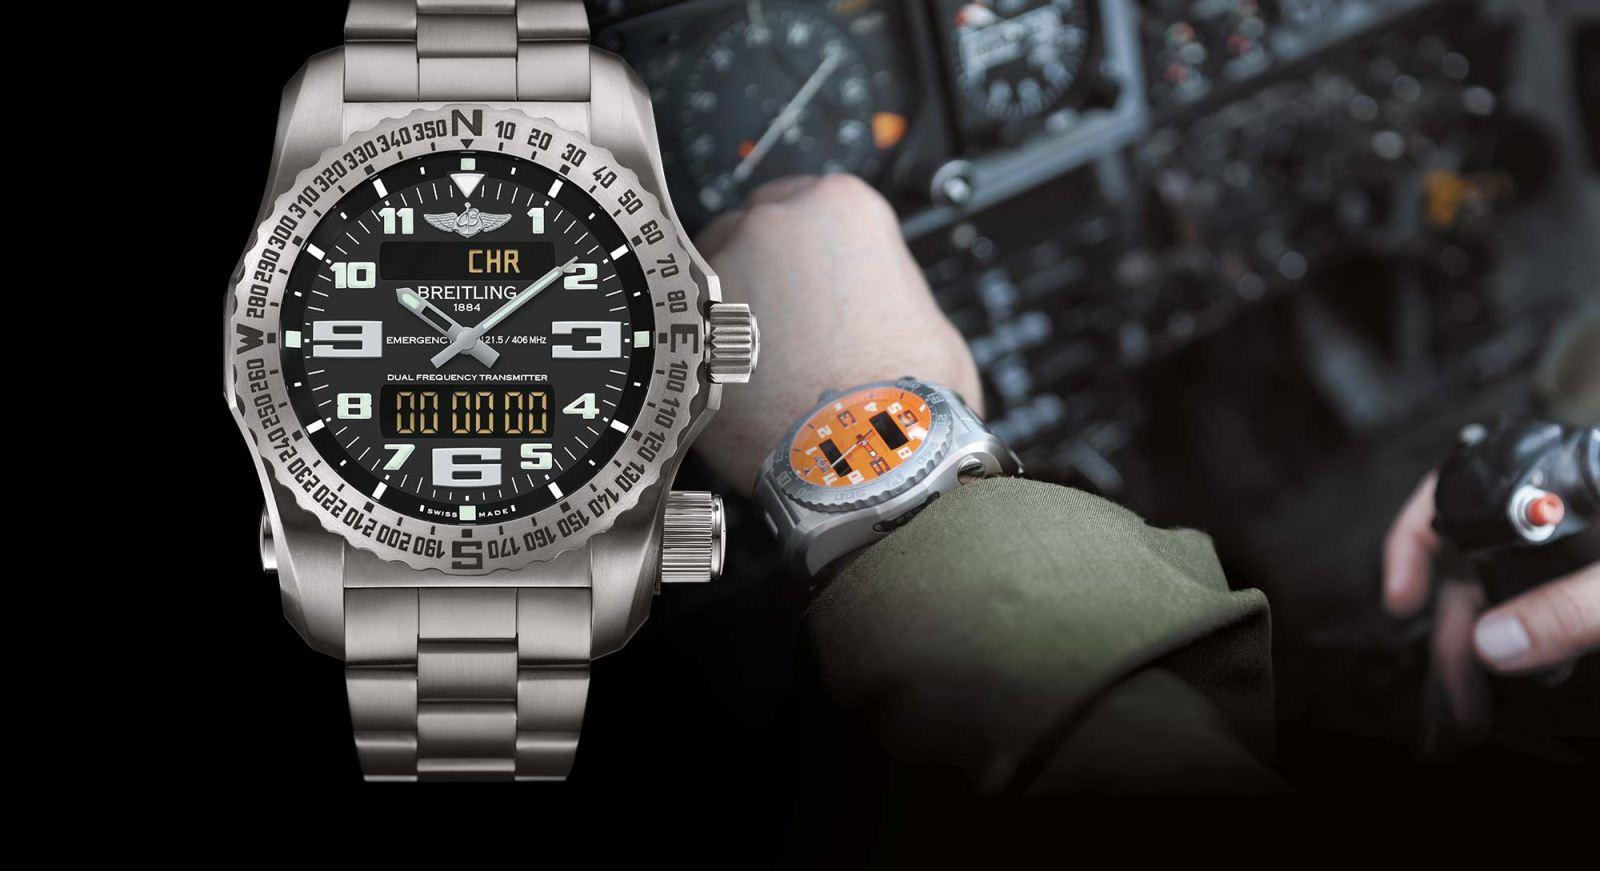 Breitling в очередной раз подтверждает статус главного партнера авиации, представляя новый многофункциональный электронный хронограф, оснащенный мануфактурным калибром с аналоговым и цифровым дисплеями – эксклюзивной разработкой бренда.